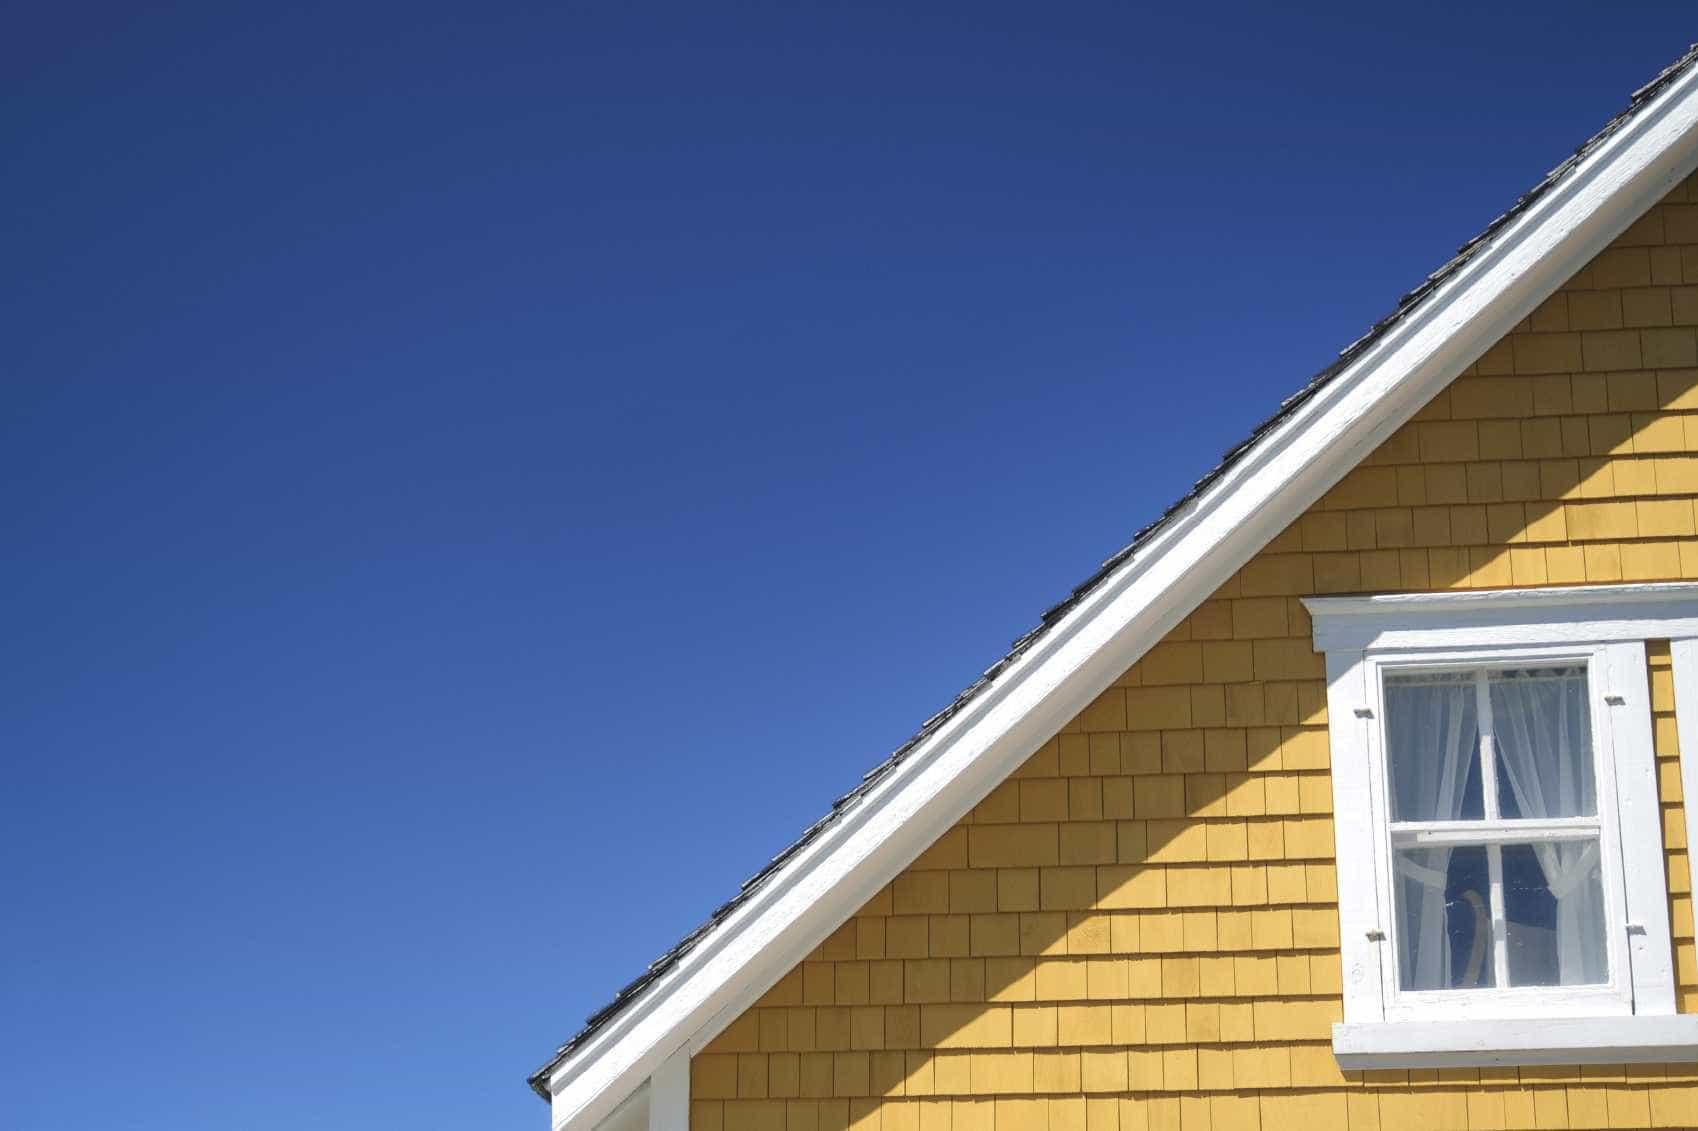 Governo dos Açores cria mecanismo para aquisição dos solos onde há casas